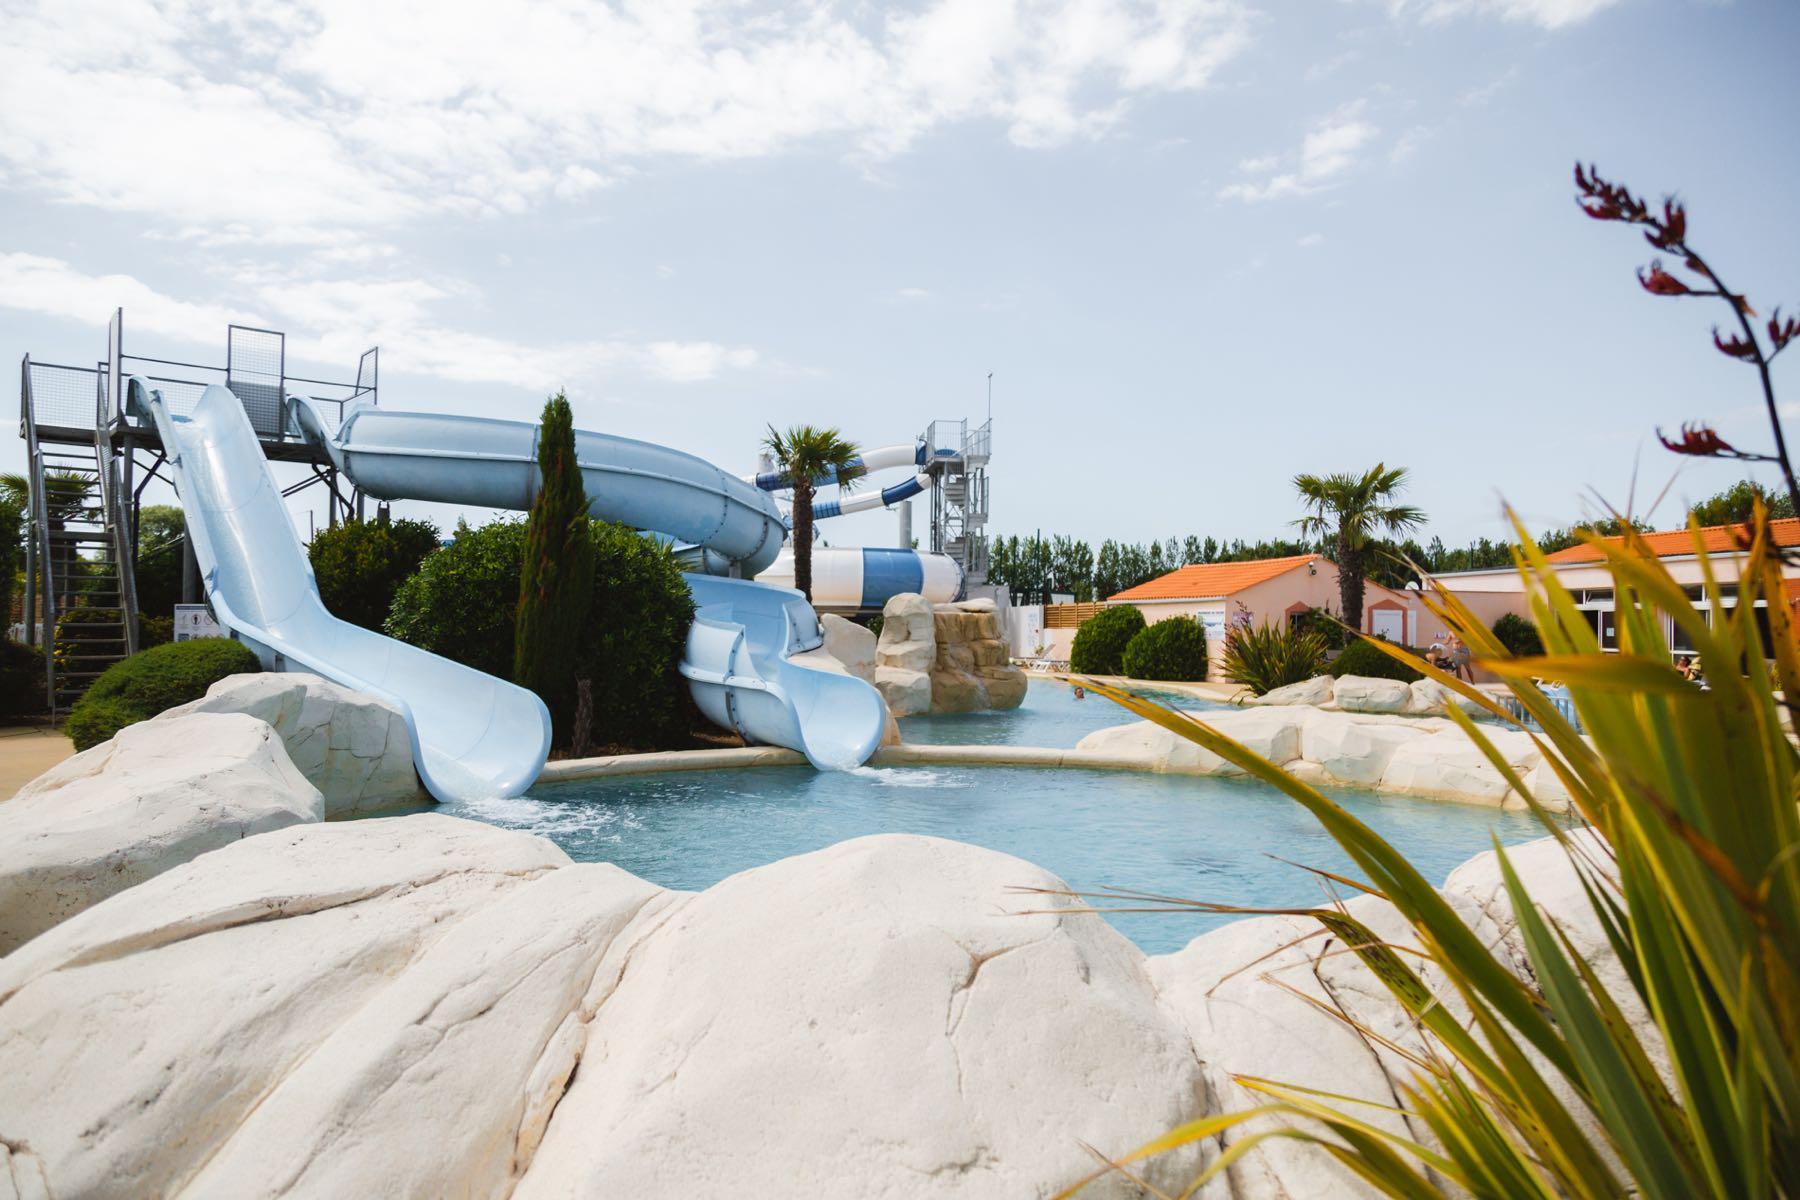 Espace-aquatique-camping-vendee-4-etoiles-Saint-Jean -de-Monts-Camping-Les-Places-Dorées-2